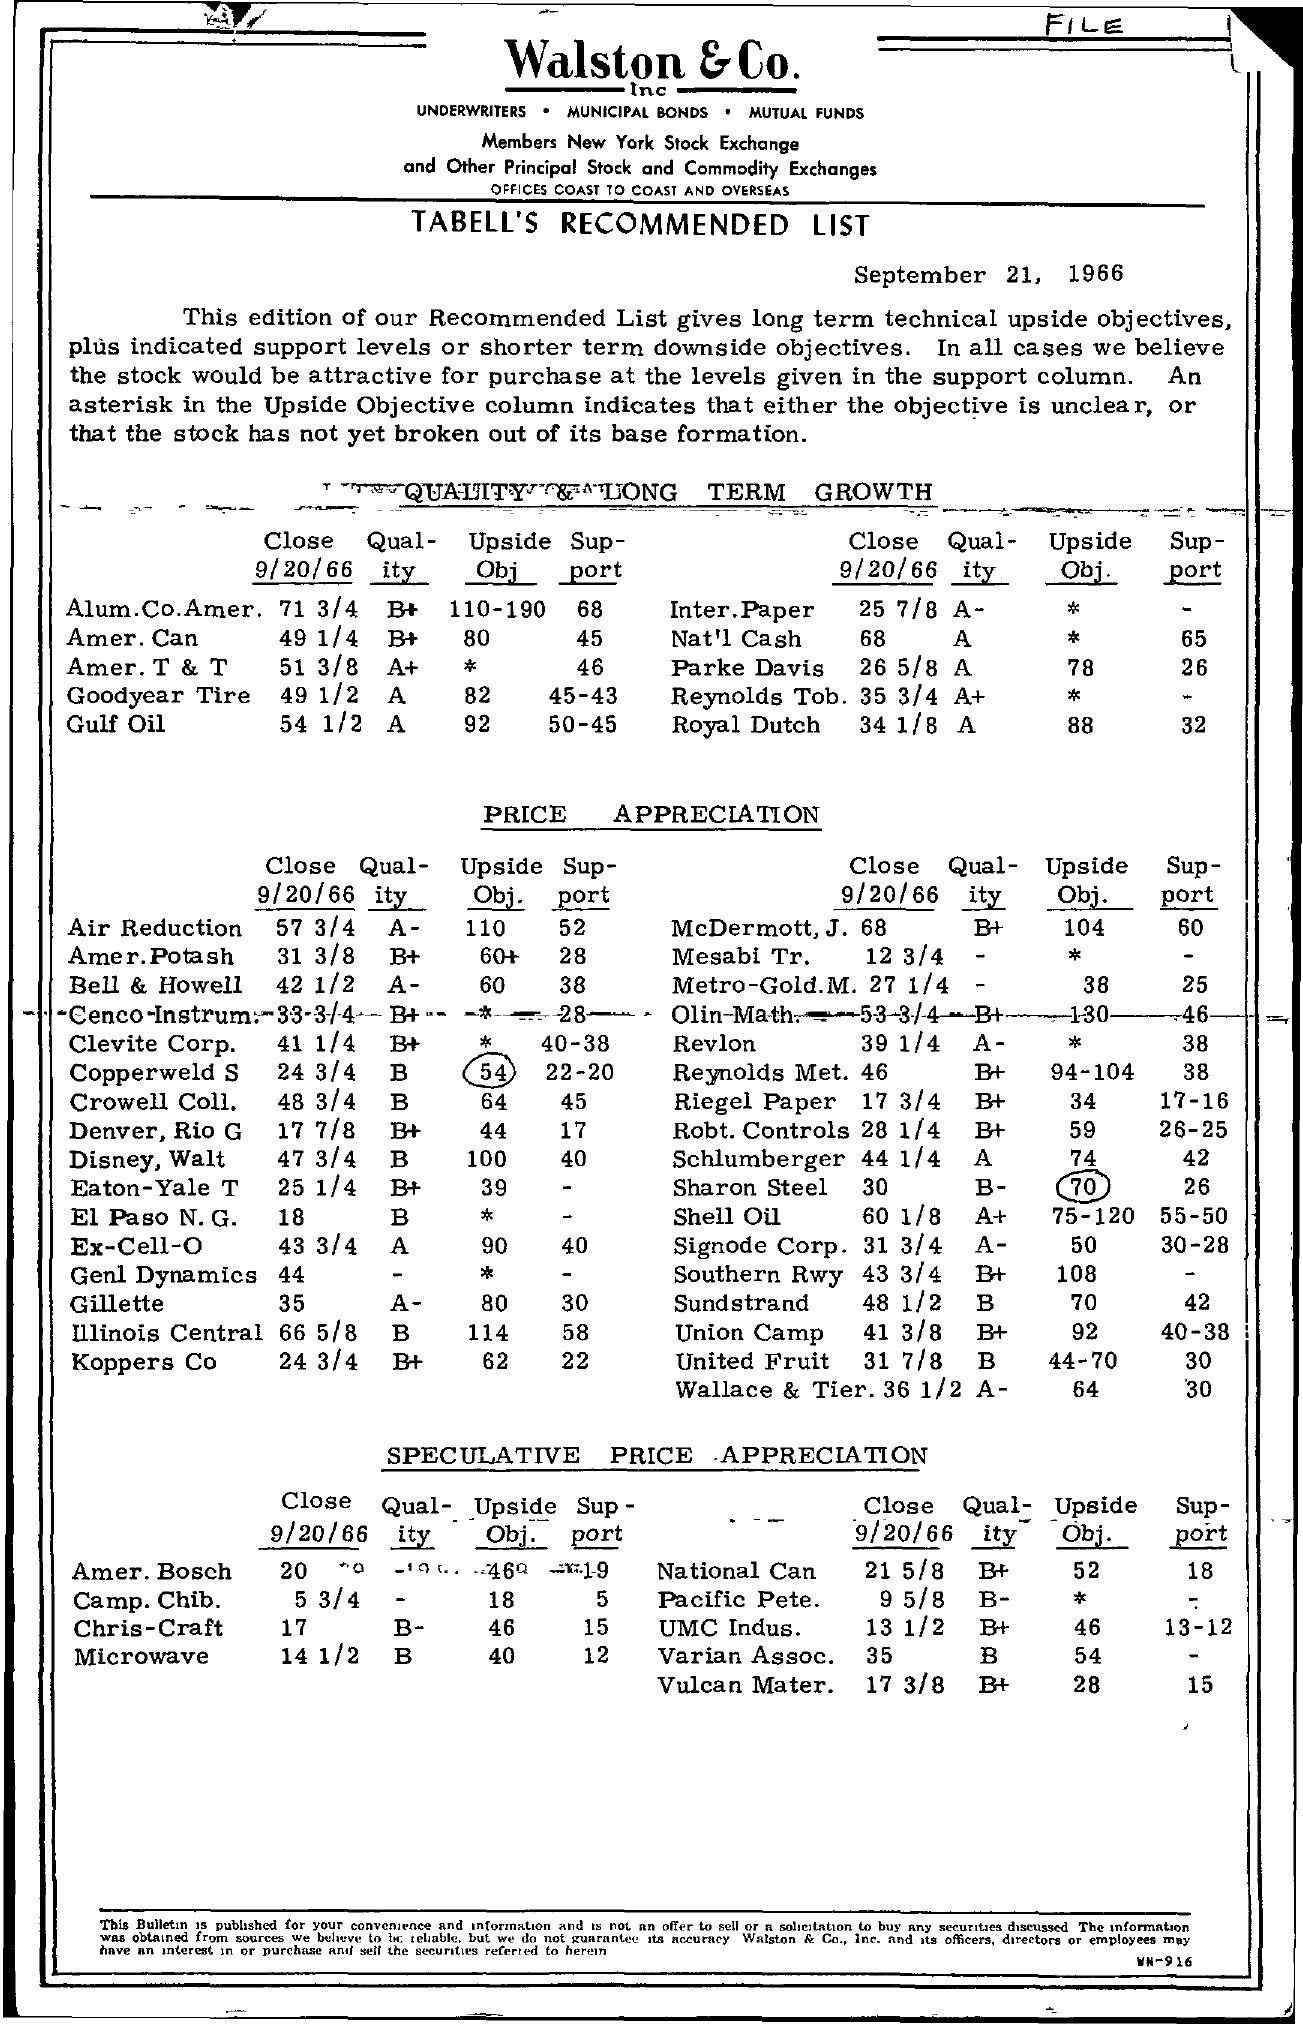 Tabell's Market Letter - September 21, 1966